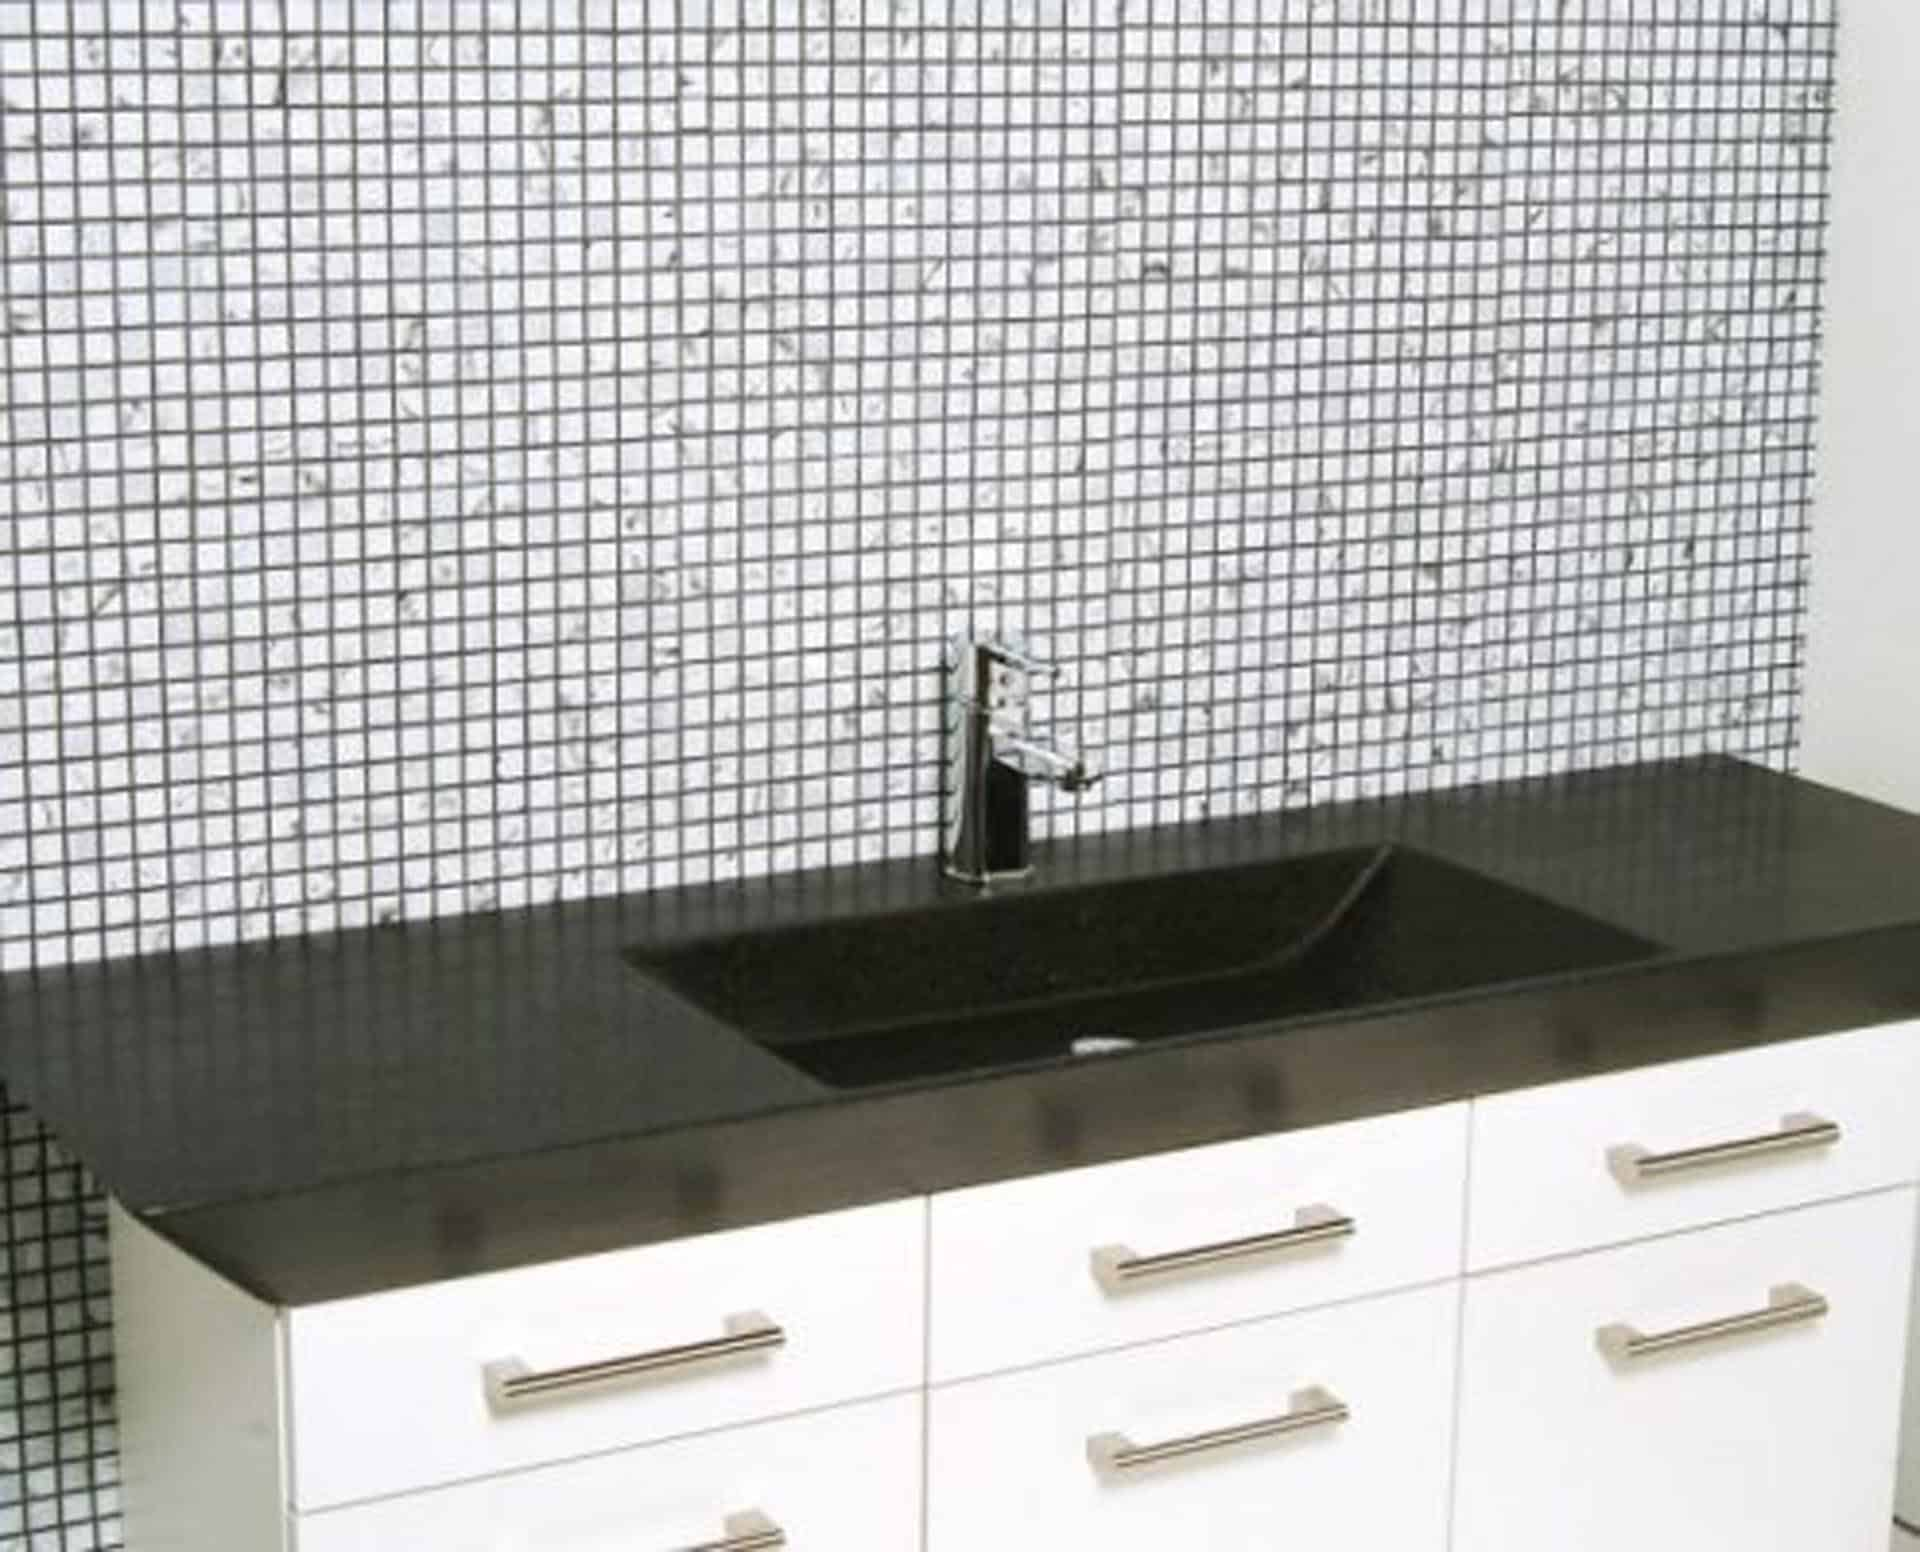 Eksklusiv designhåndvask fremstillet i massiv granit. Den sorte granit har en mat finish. En ægte stenvask i målene: 120/140 x 35,5 x 10 cm. Vasken er bearbejdet ud af et helt stykke granit - vi fræser ganske enkelt en håndvask ud af sten. Alle de afsluttende små detaljer er håndlavet. Med denne vask vil man få et stykke natur hjem i badeværelset. Det er kvalitet, som holder mange år ud i tiden. Vasken kan bruges som fritstående vask - da vasken er flad i bunden er den velegnet til at placere direkte på en bordplade. Vasken er hensynsmæssigt designet med fine rundinger, som både giver vasken et eksklusivt udtryk og gør den rengøringsvenlig. Vasken vedligeholdes med voks - vi anbefaler en behandling med vores egen naturvoks ID12002 et par gange om året for at opnå optimalt look.